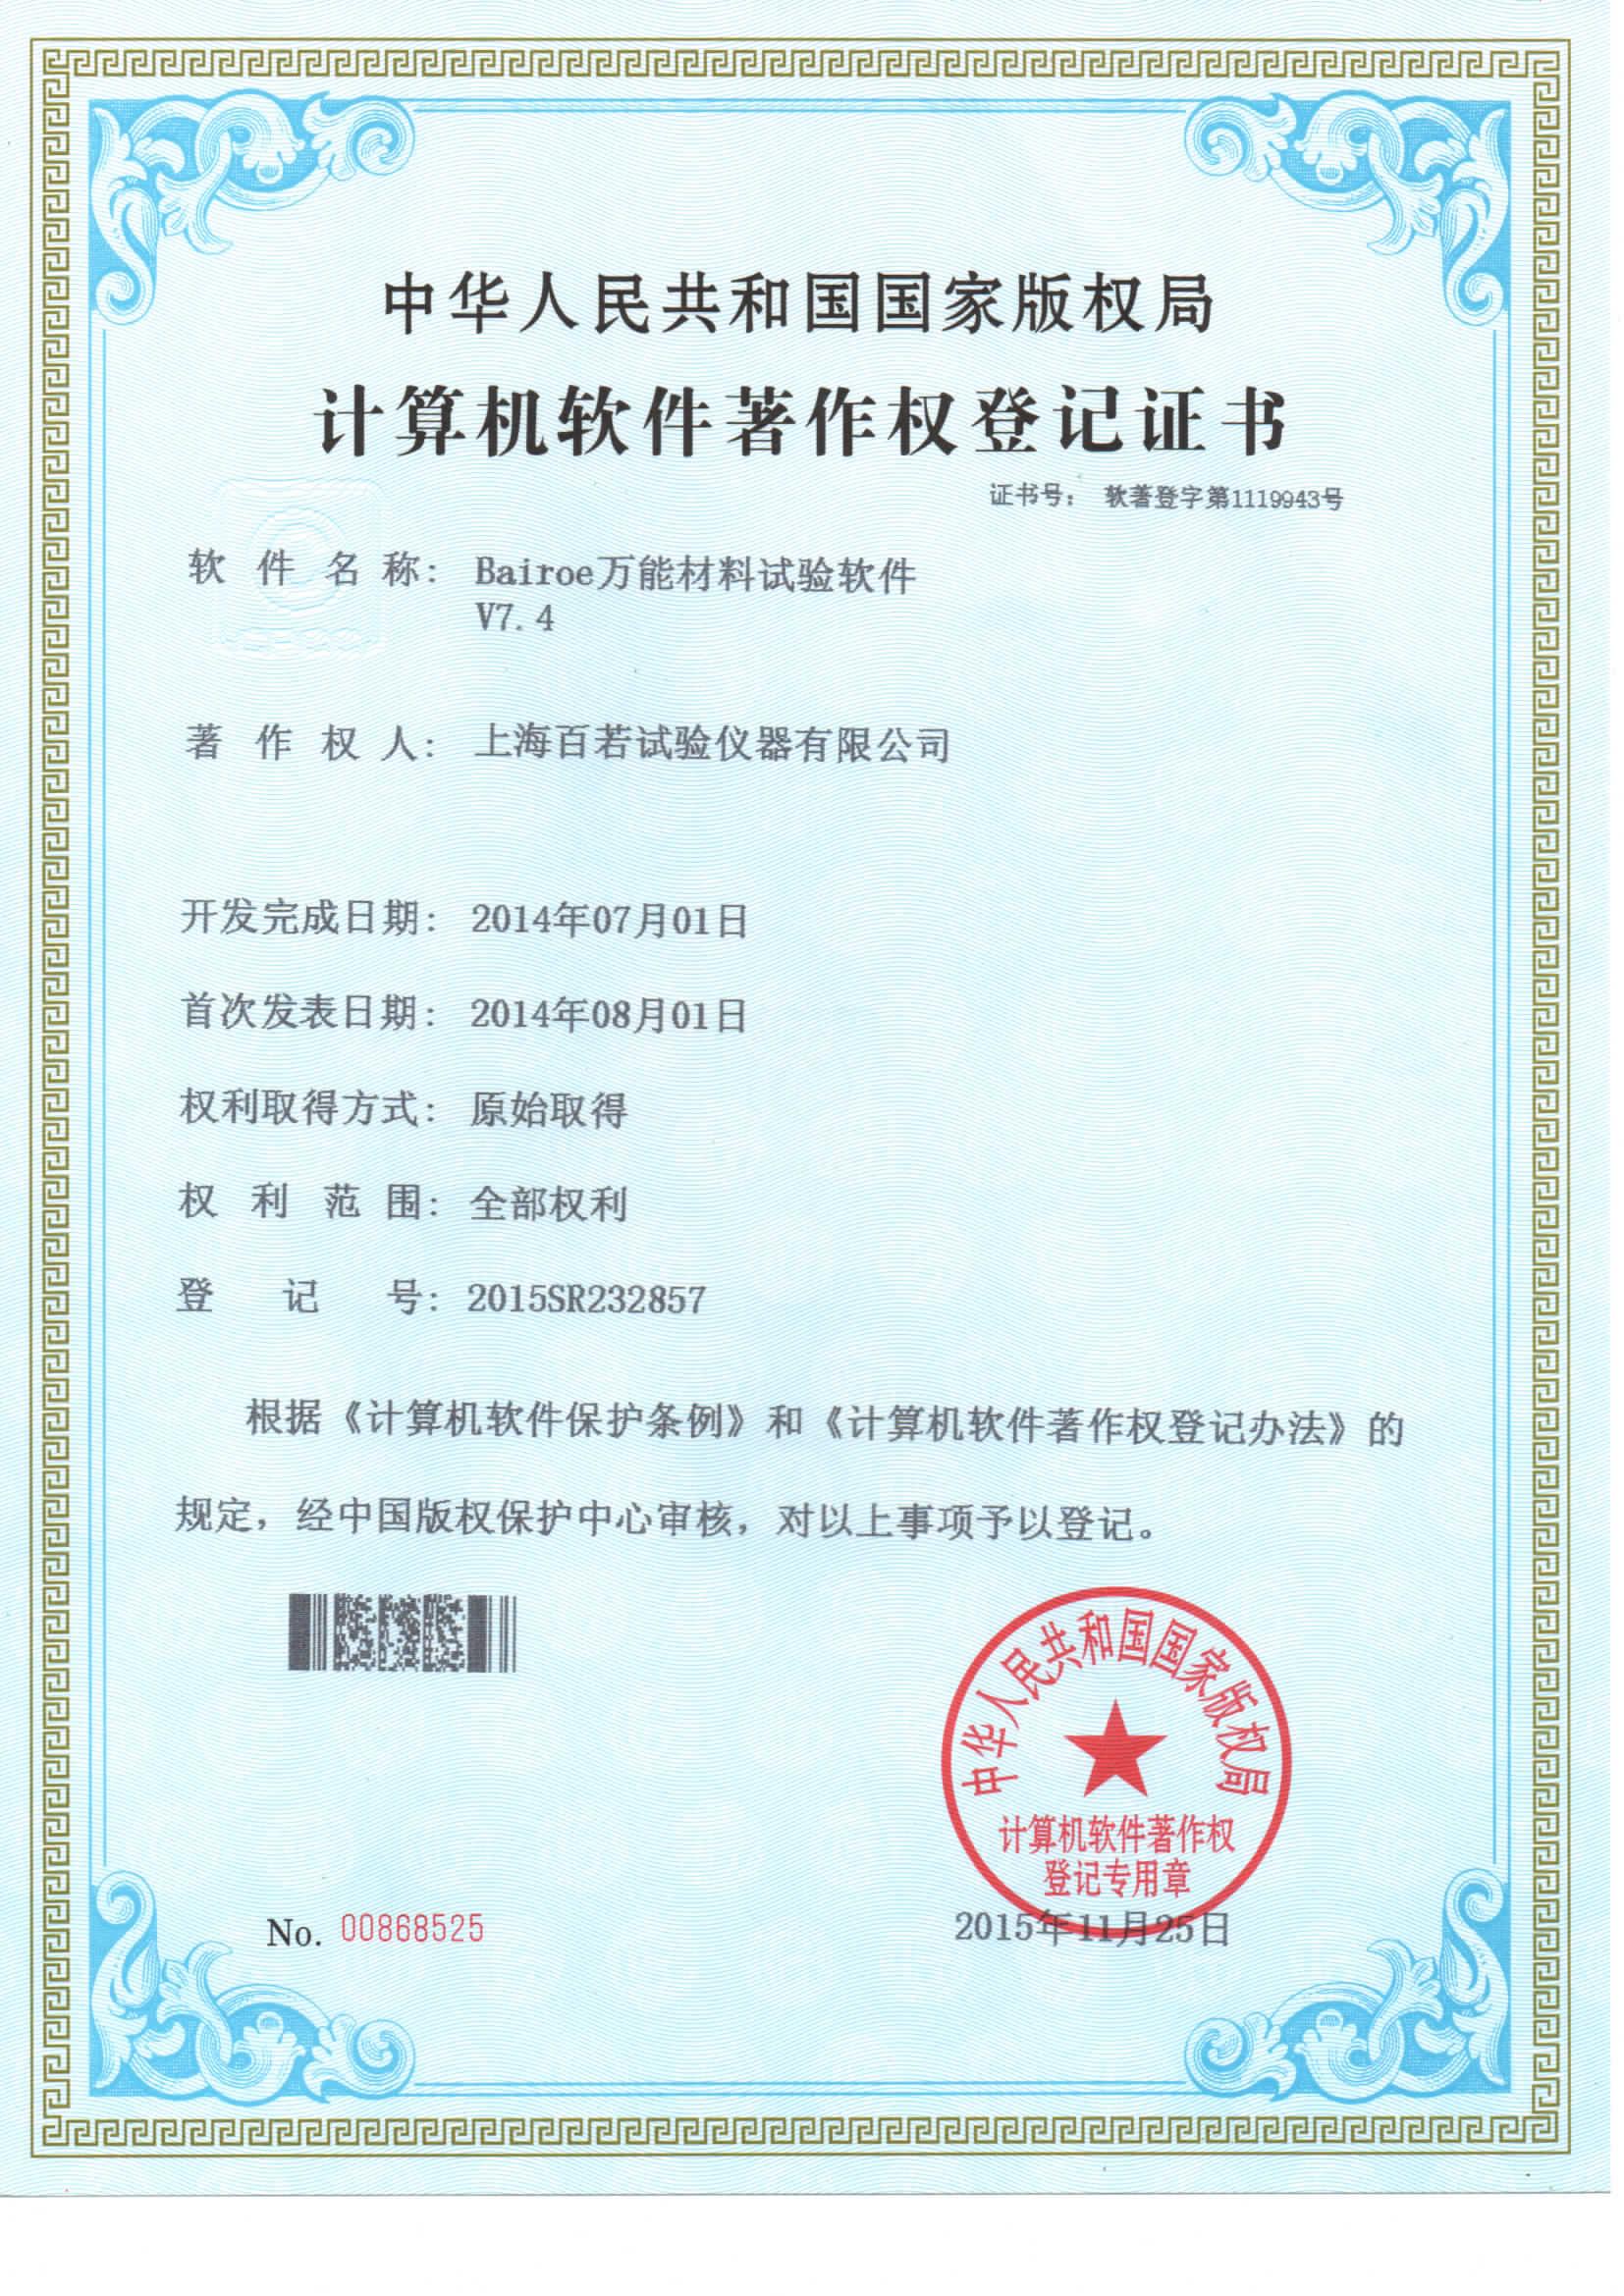 萬能材料-計算機軟件著作權登記證書